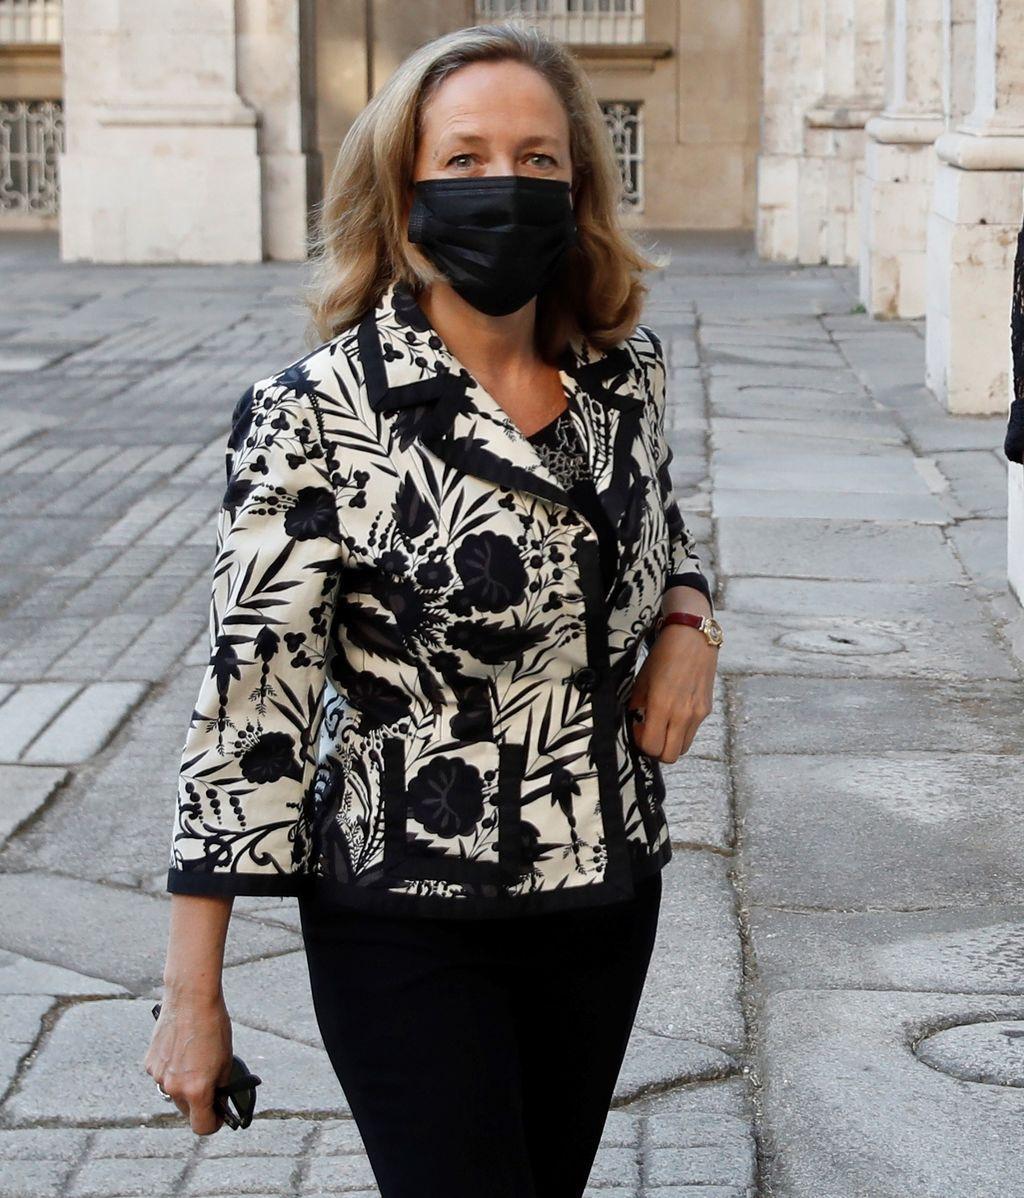 La vicepresidenta tercera del Gobierno y ministra de Asuntos Económicos y Transformación Digital, Nadia Calviño, a su llegada a la ceremonia